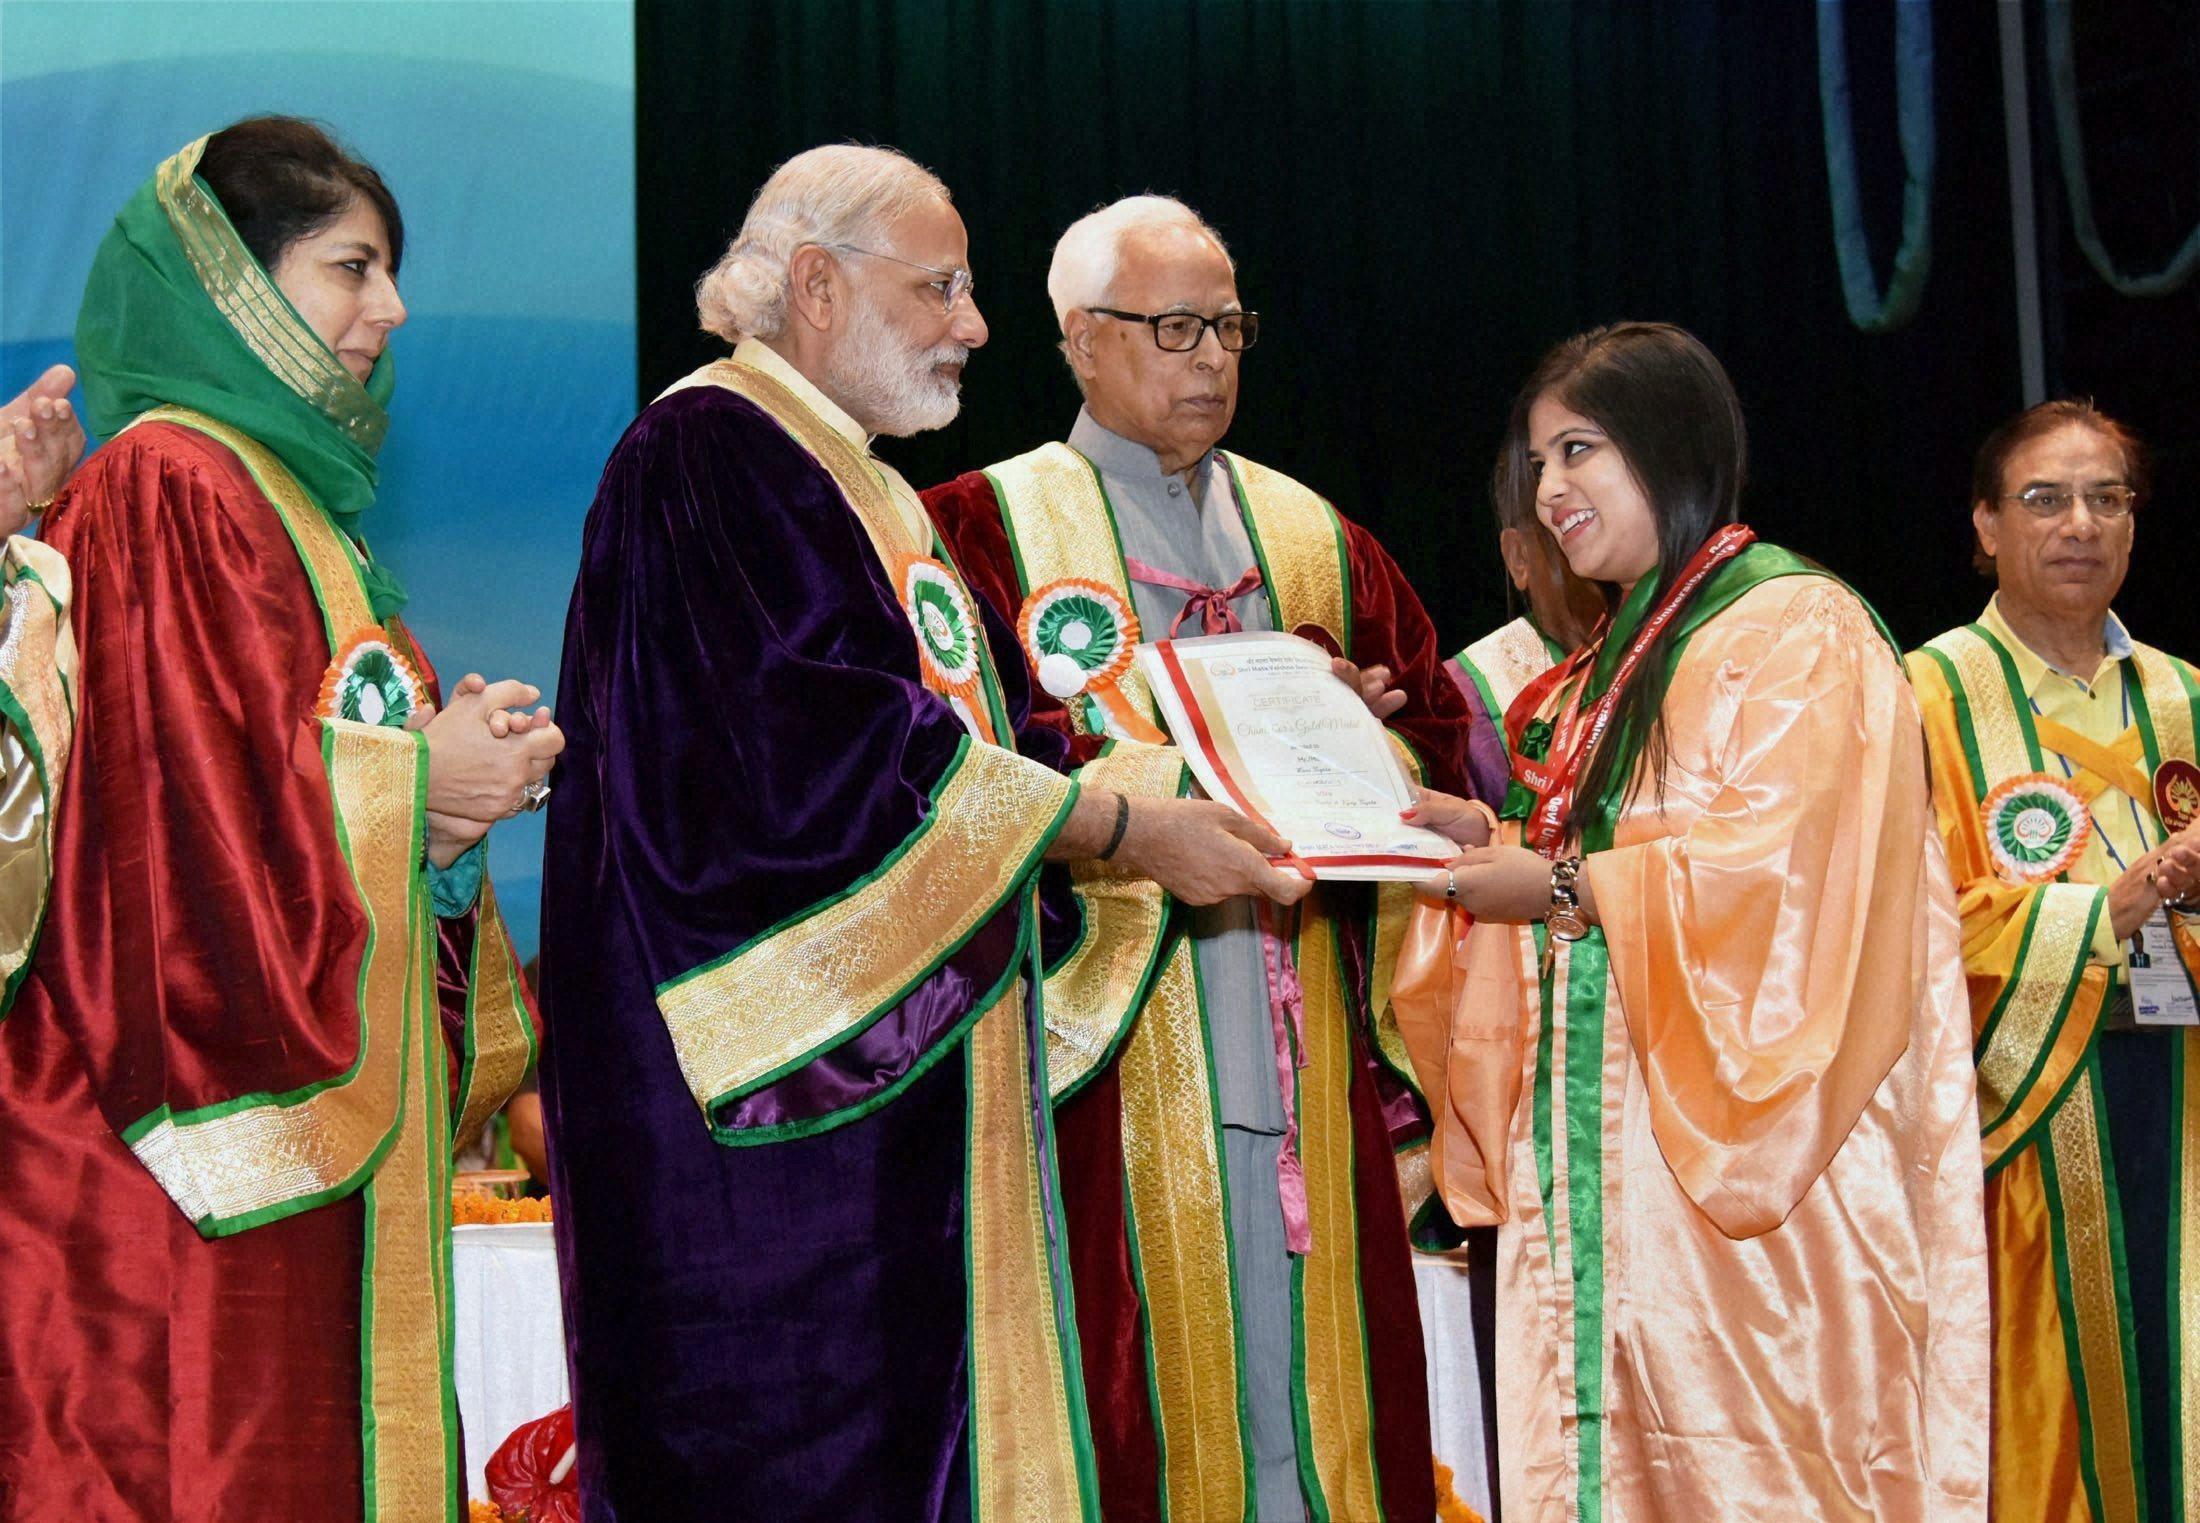 سال 2016 میں کٹرا میں شری ماتا ویشنو دیوی یونیورسٹی کے کنووکیشن تقریب میں محبوبہ مفتی اور گورنر این این ووہرا کے ساتھ وزیر اعظم مودی (فوٹو : پی ٹی آئی)